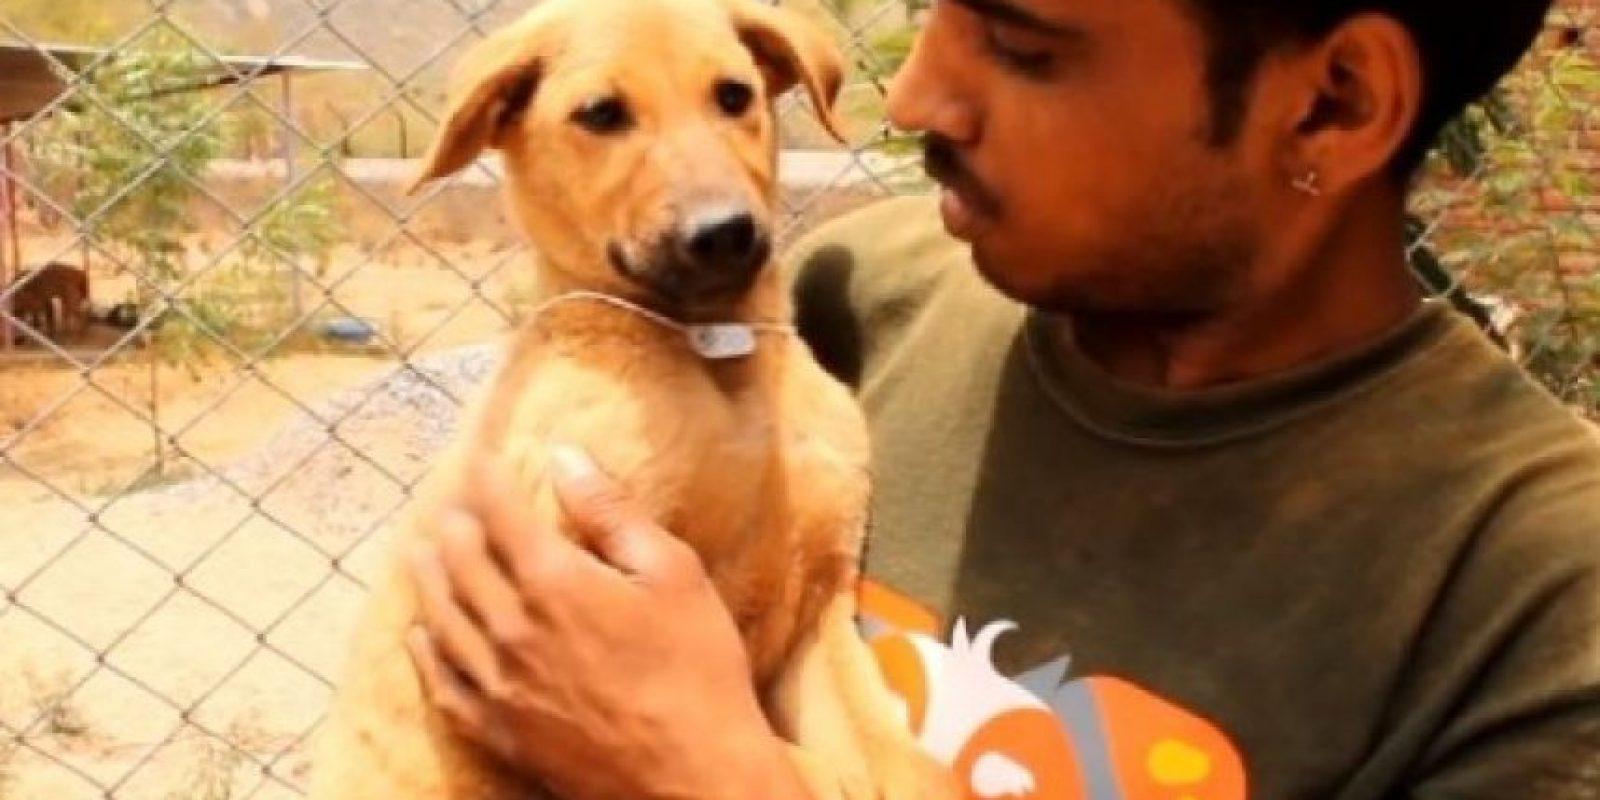 Un grupo de jóvenes decidio rescatarlo. Con una cuerda bajaron a uno de sus compañeros hasta donde se encontraba el desesperado perro. Una vez que el joven lo atrapó, los demás lo jalaron hacia la superficie. Foto:Animal Aid Unlimited